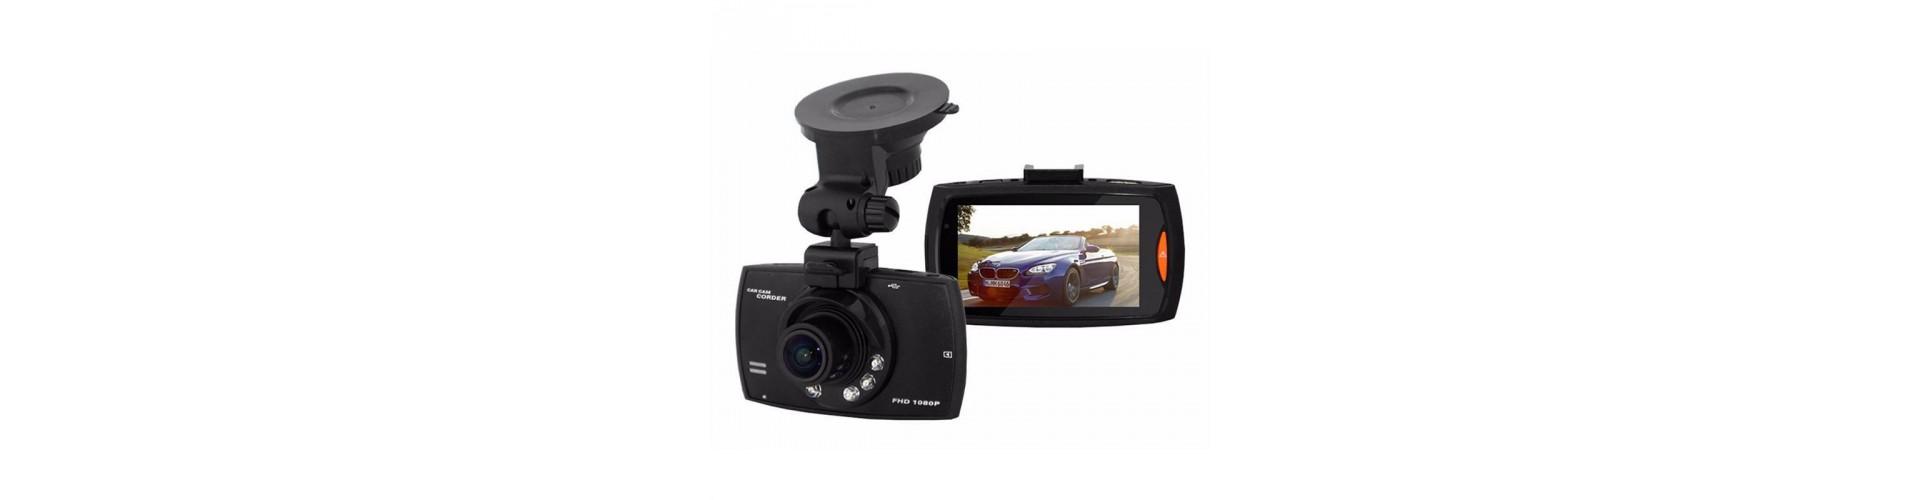 DVR - Digital Video Recorder